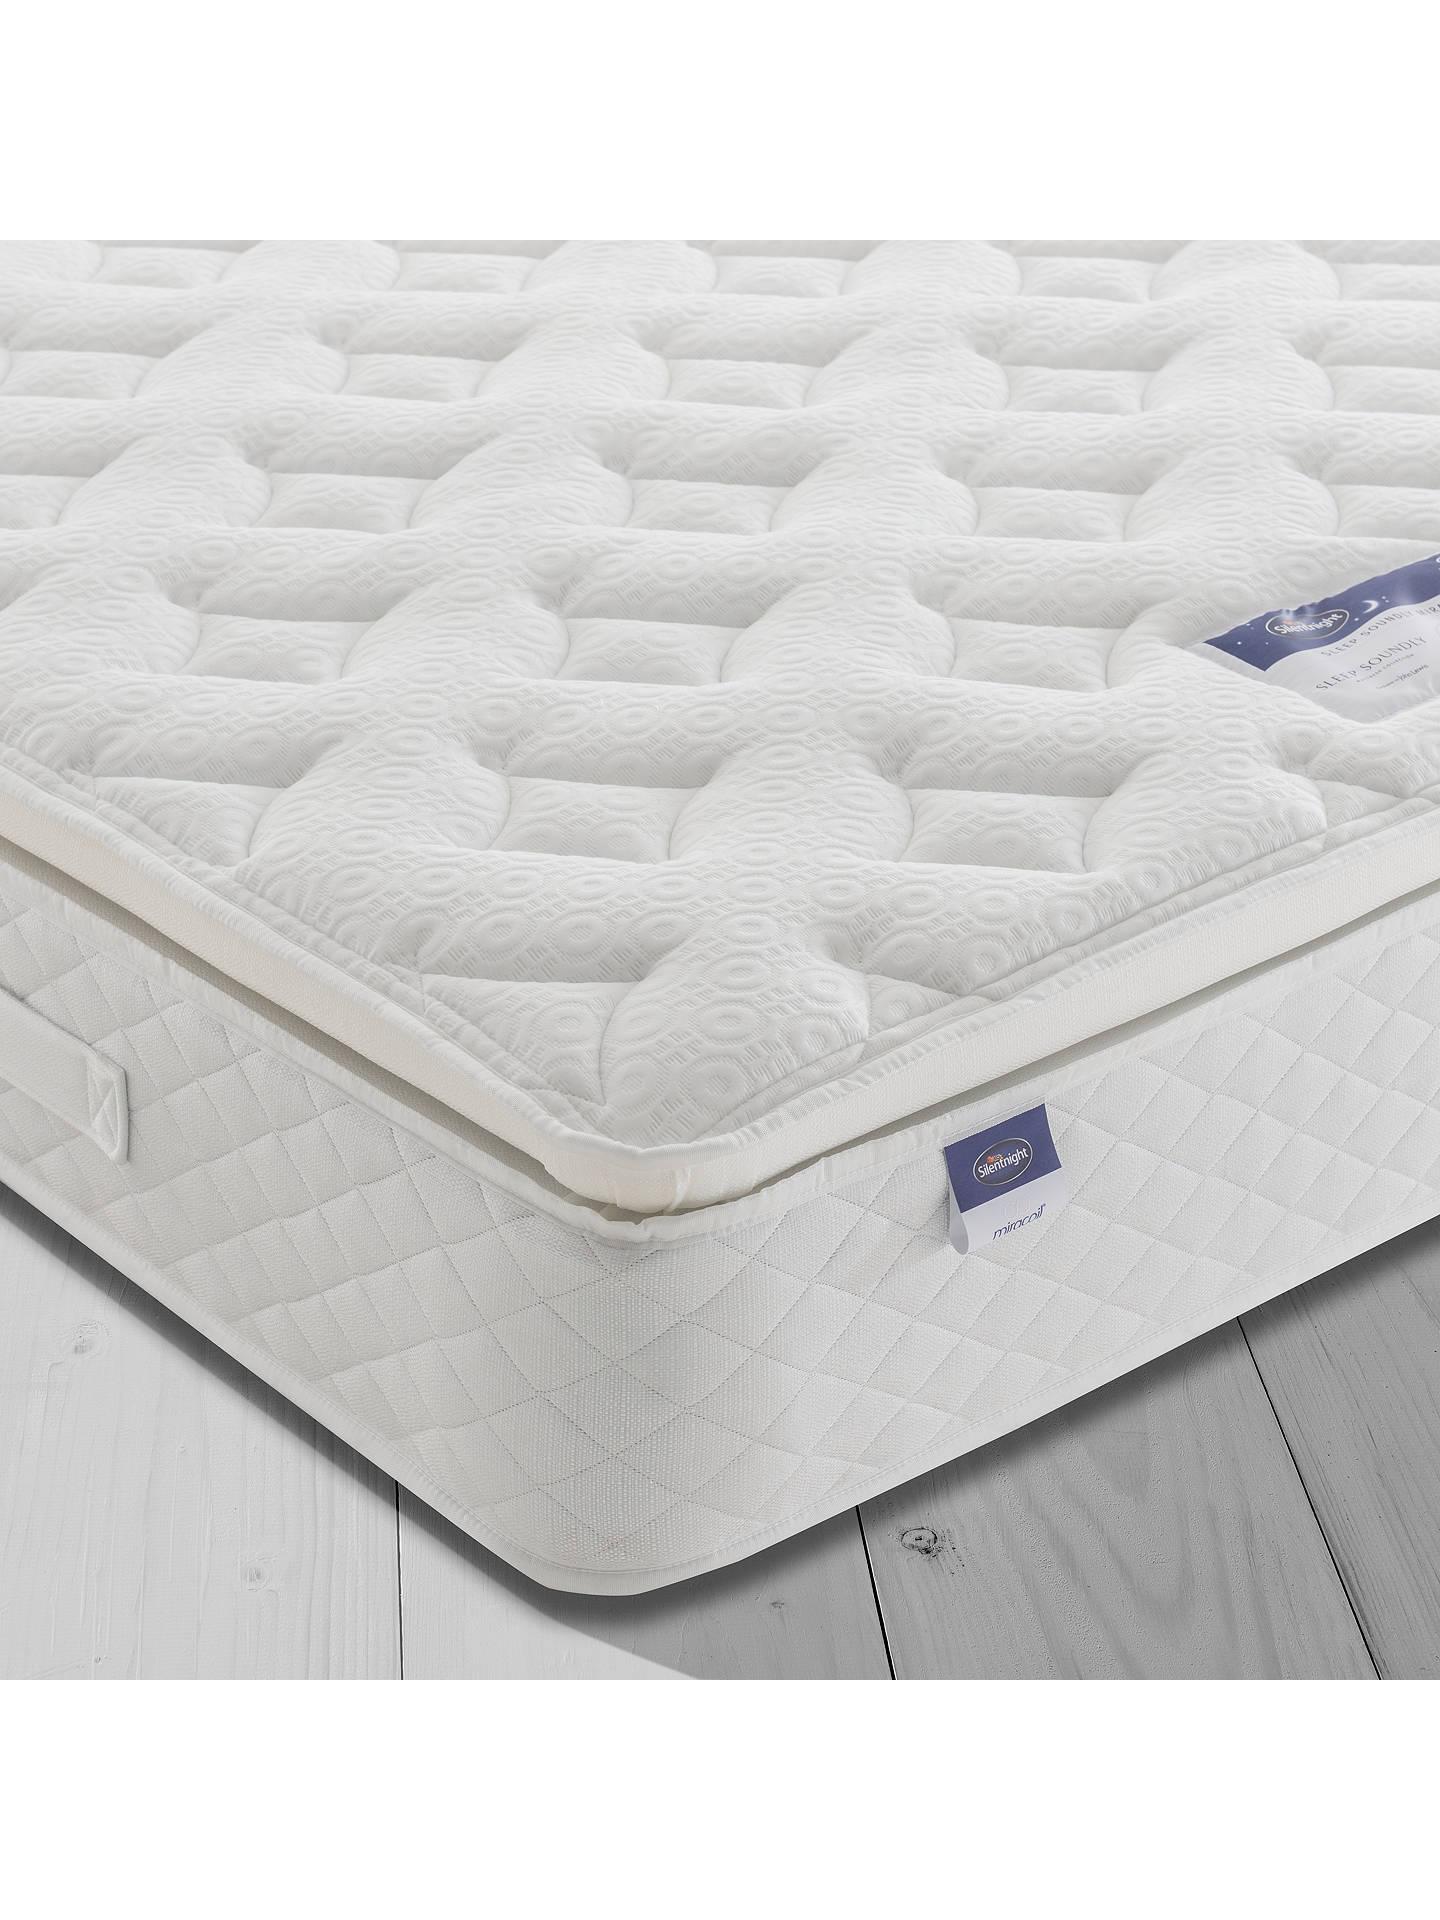 Silentnight Sleep Soundly Miracoil Pillow Top Mattress Medium